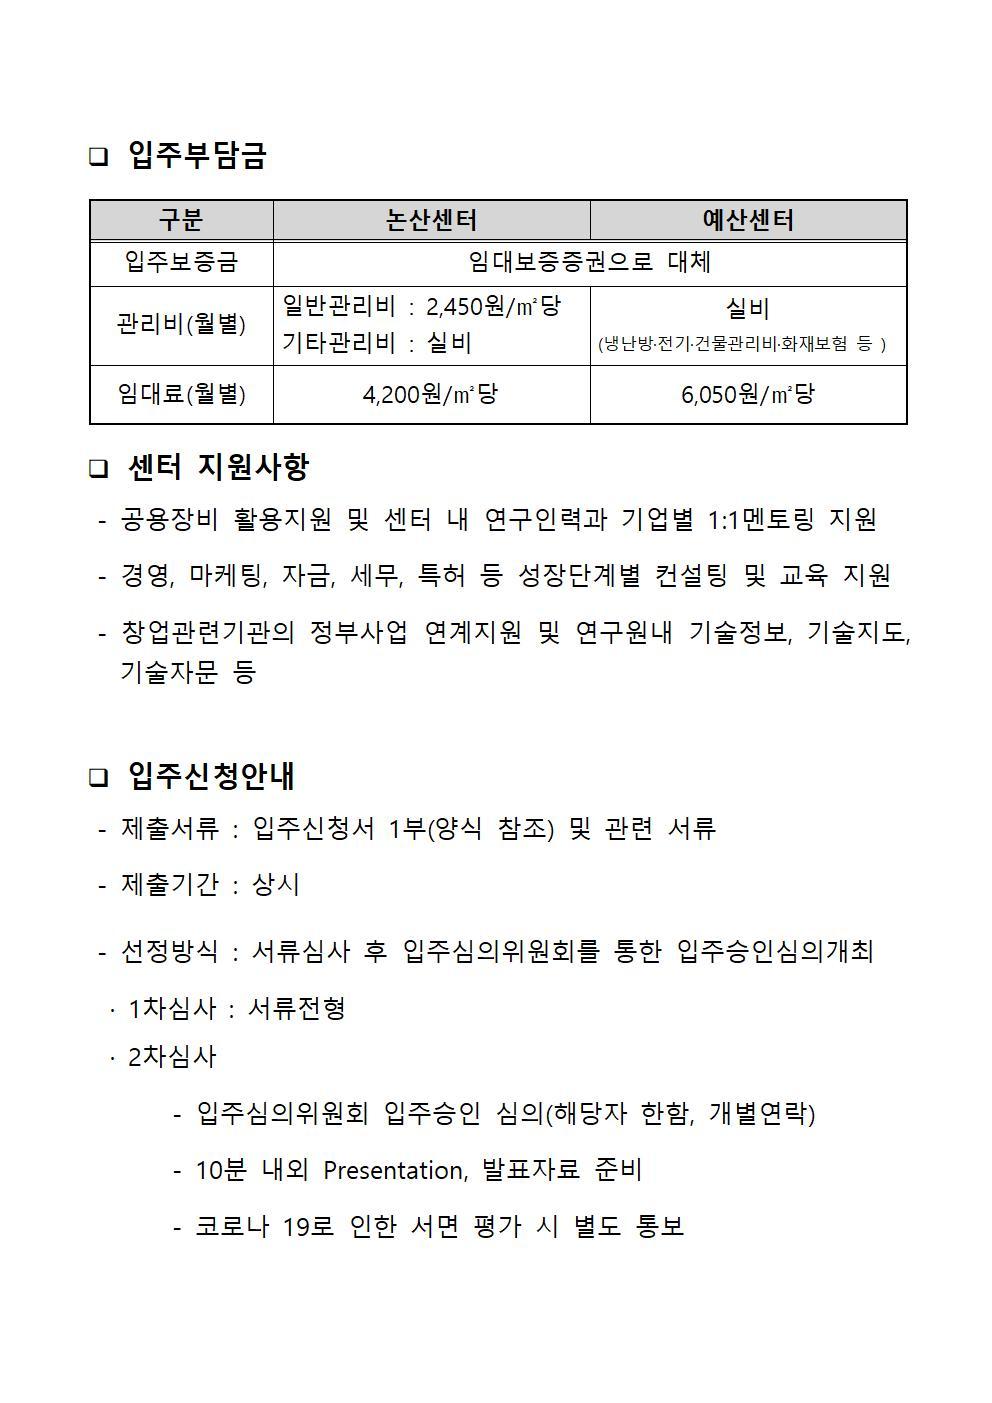 바이오센터 입주기업 모집공고_2_1.jpg